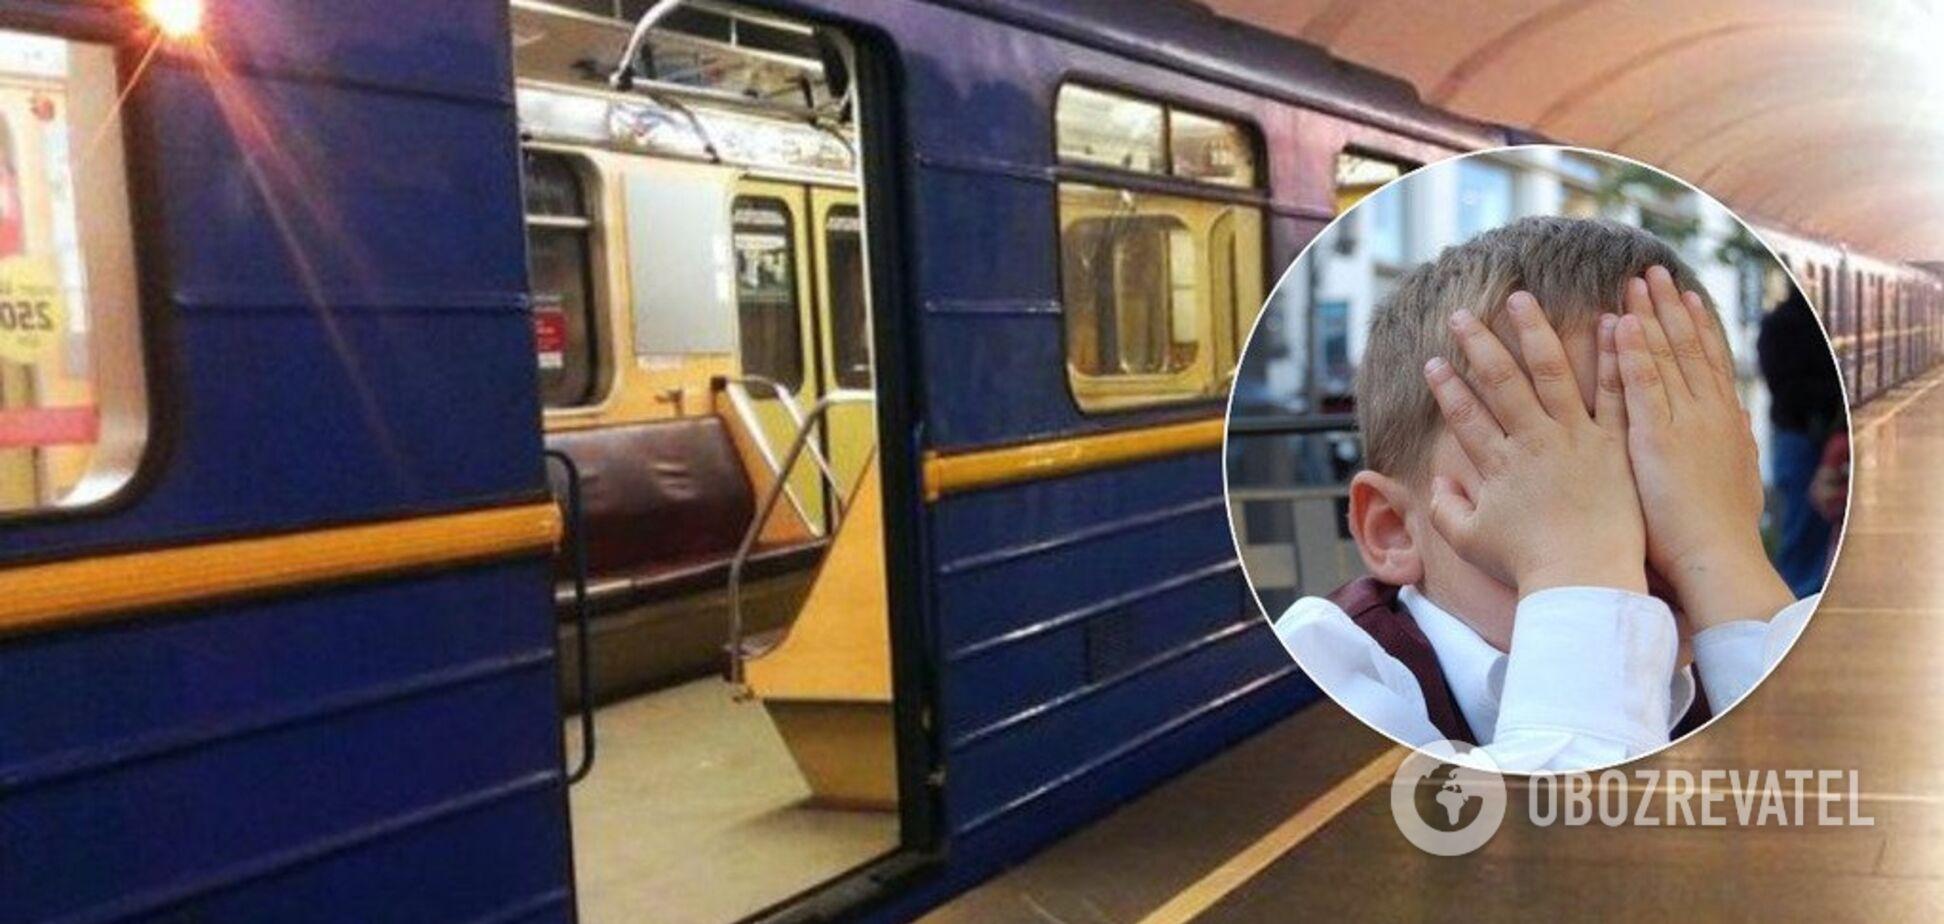 В киевском метро мужчина напал на детей: их спас военный